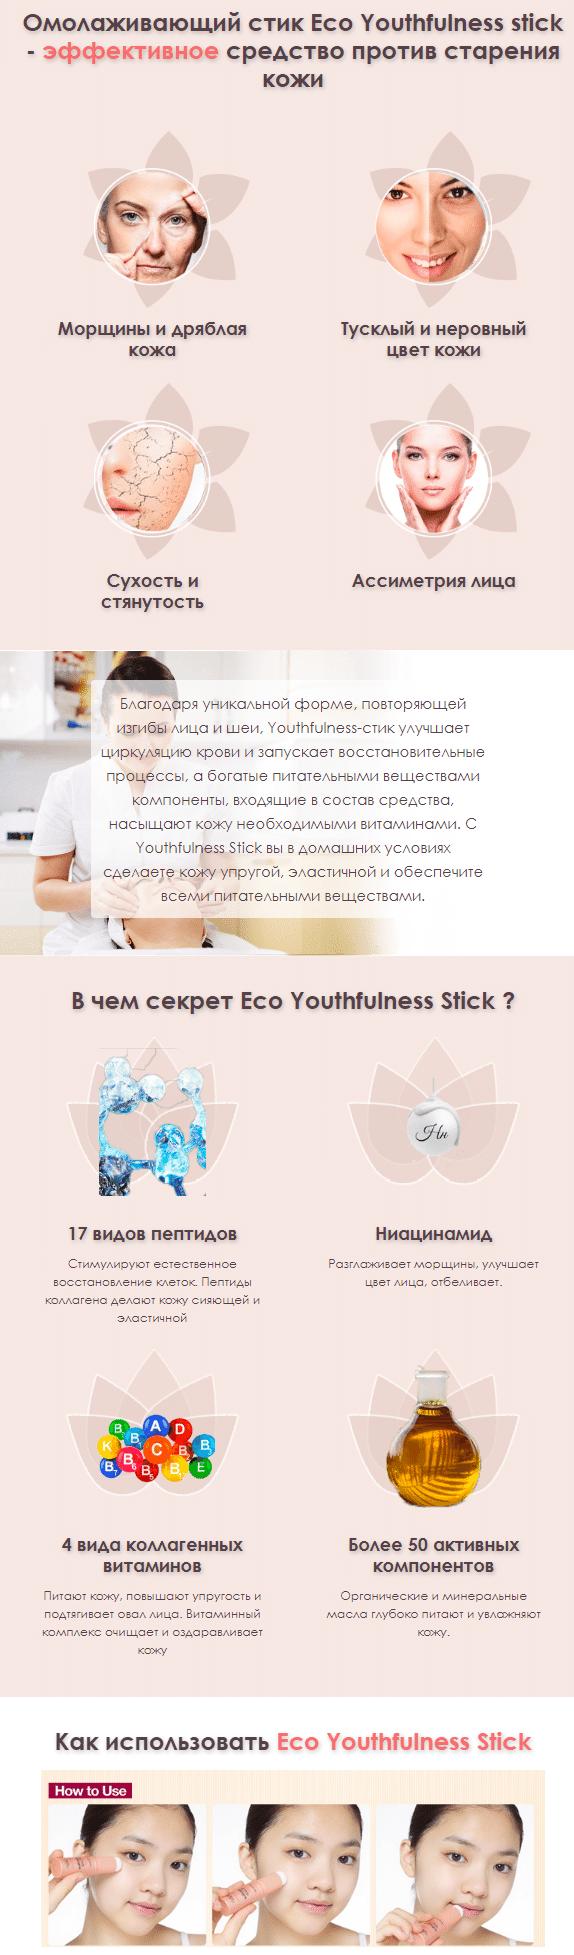 Омолаживающий стик для кожи лица Eco Youthfulness Stick купить